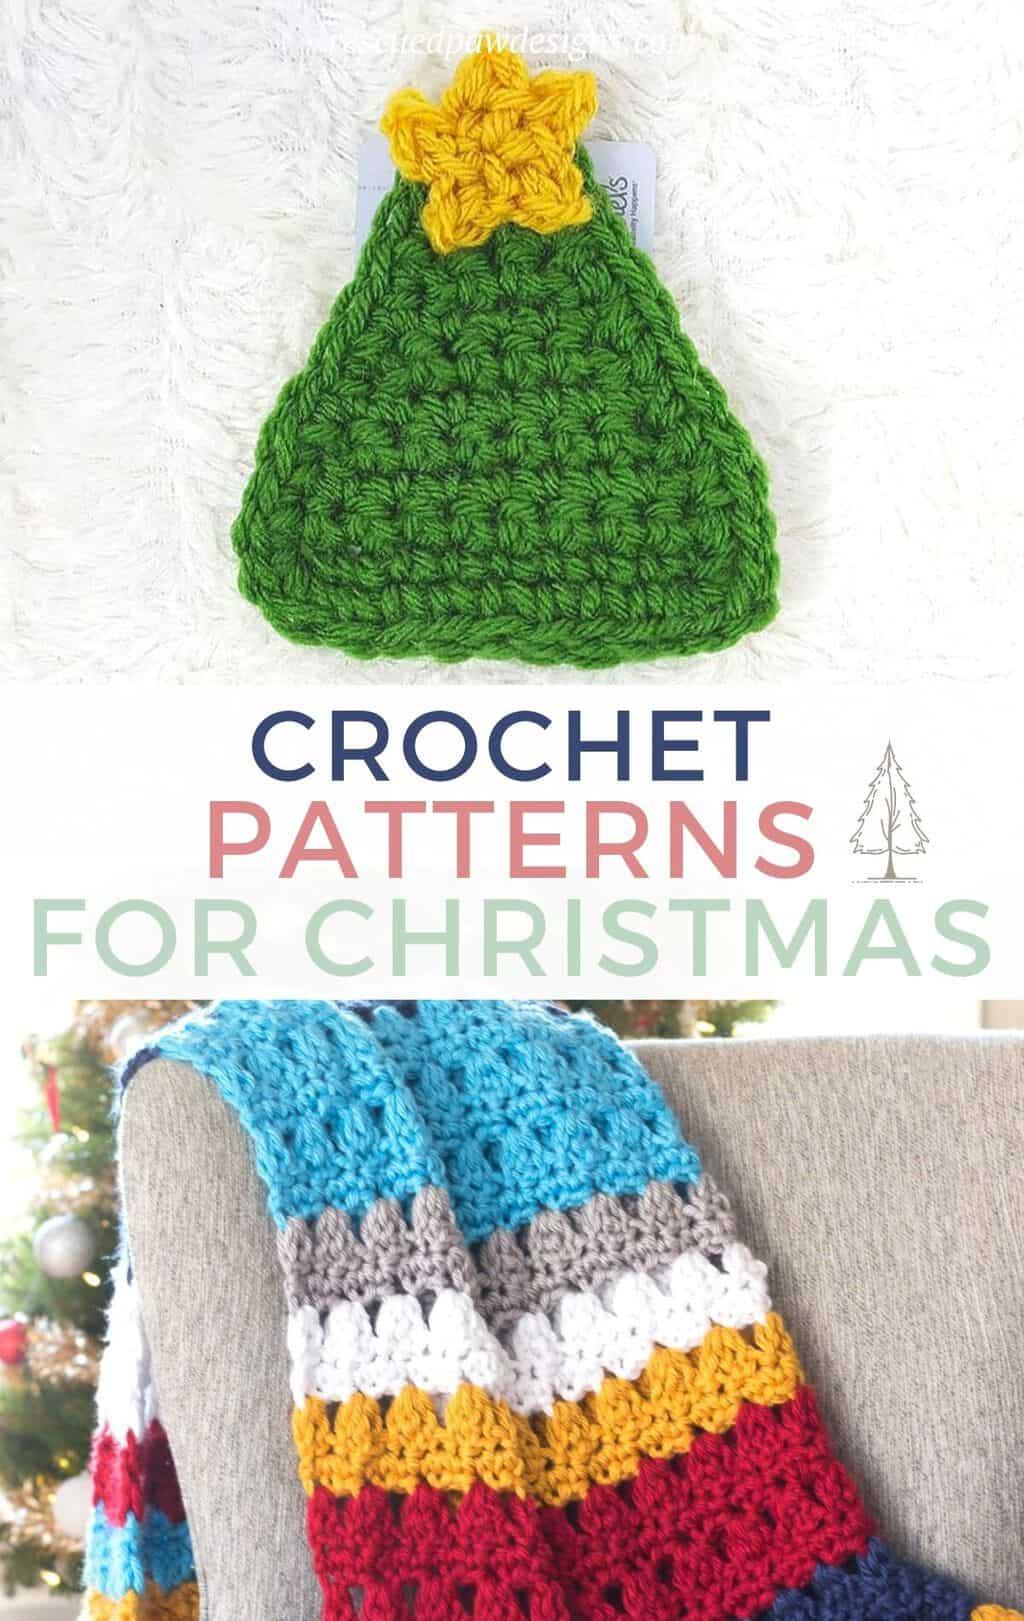 Top Free Christmas Crochet Patterns - Gift Card Holder & Christmas Crochet Blanket